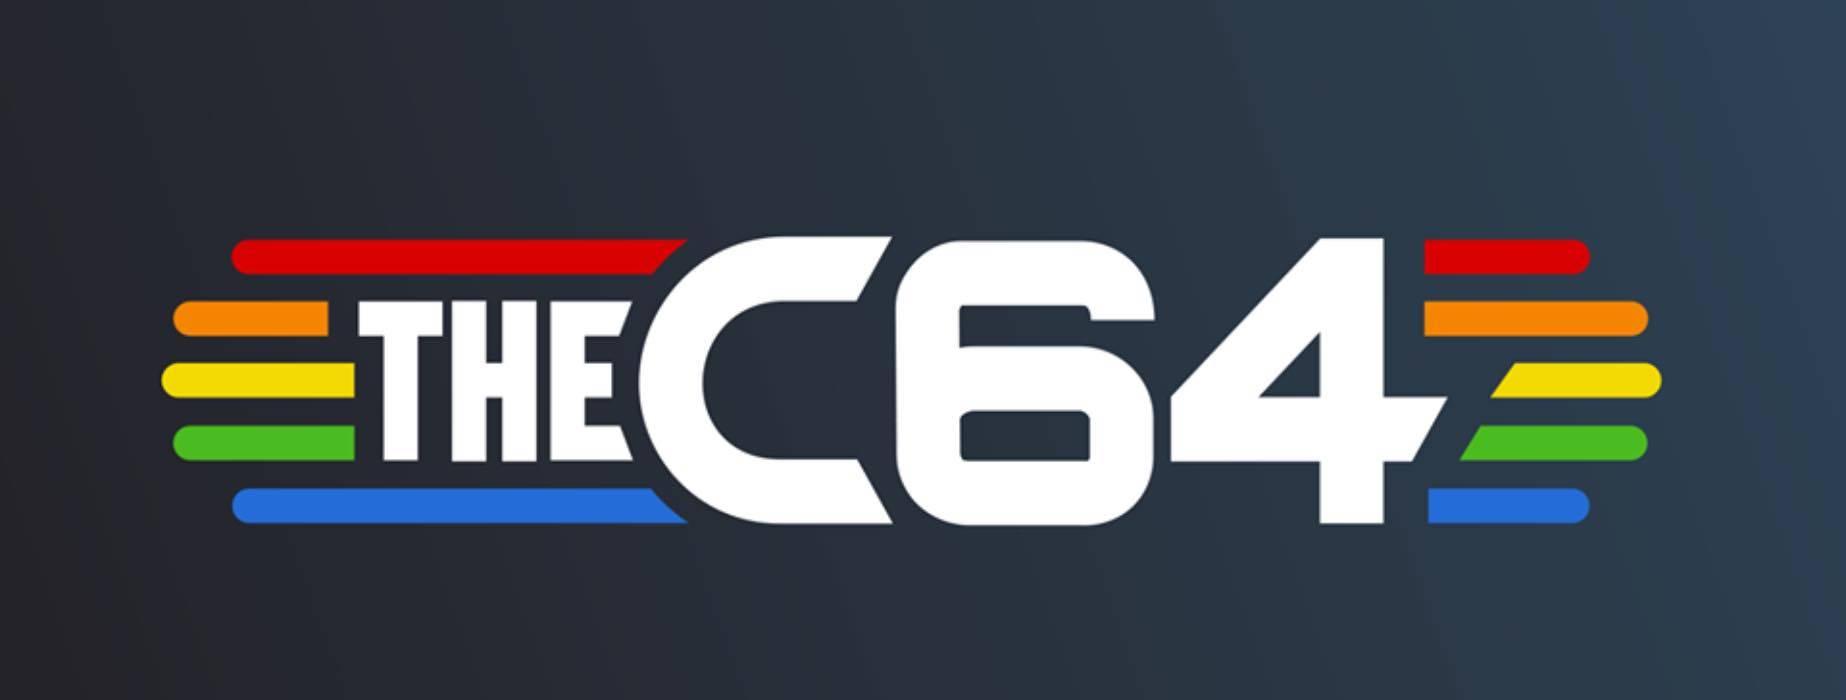 THEC64, il ritorno del Commodore 64: info, prezzo, data e caratteristiche